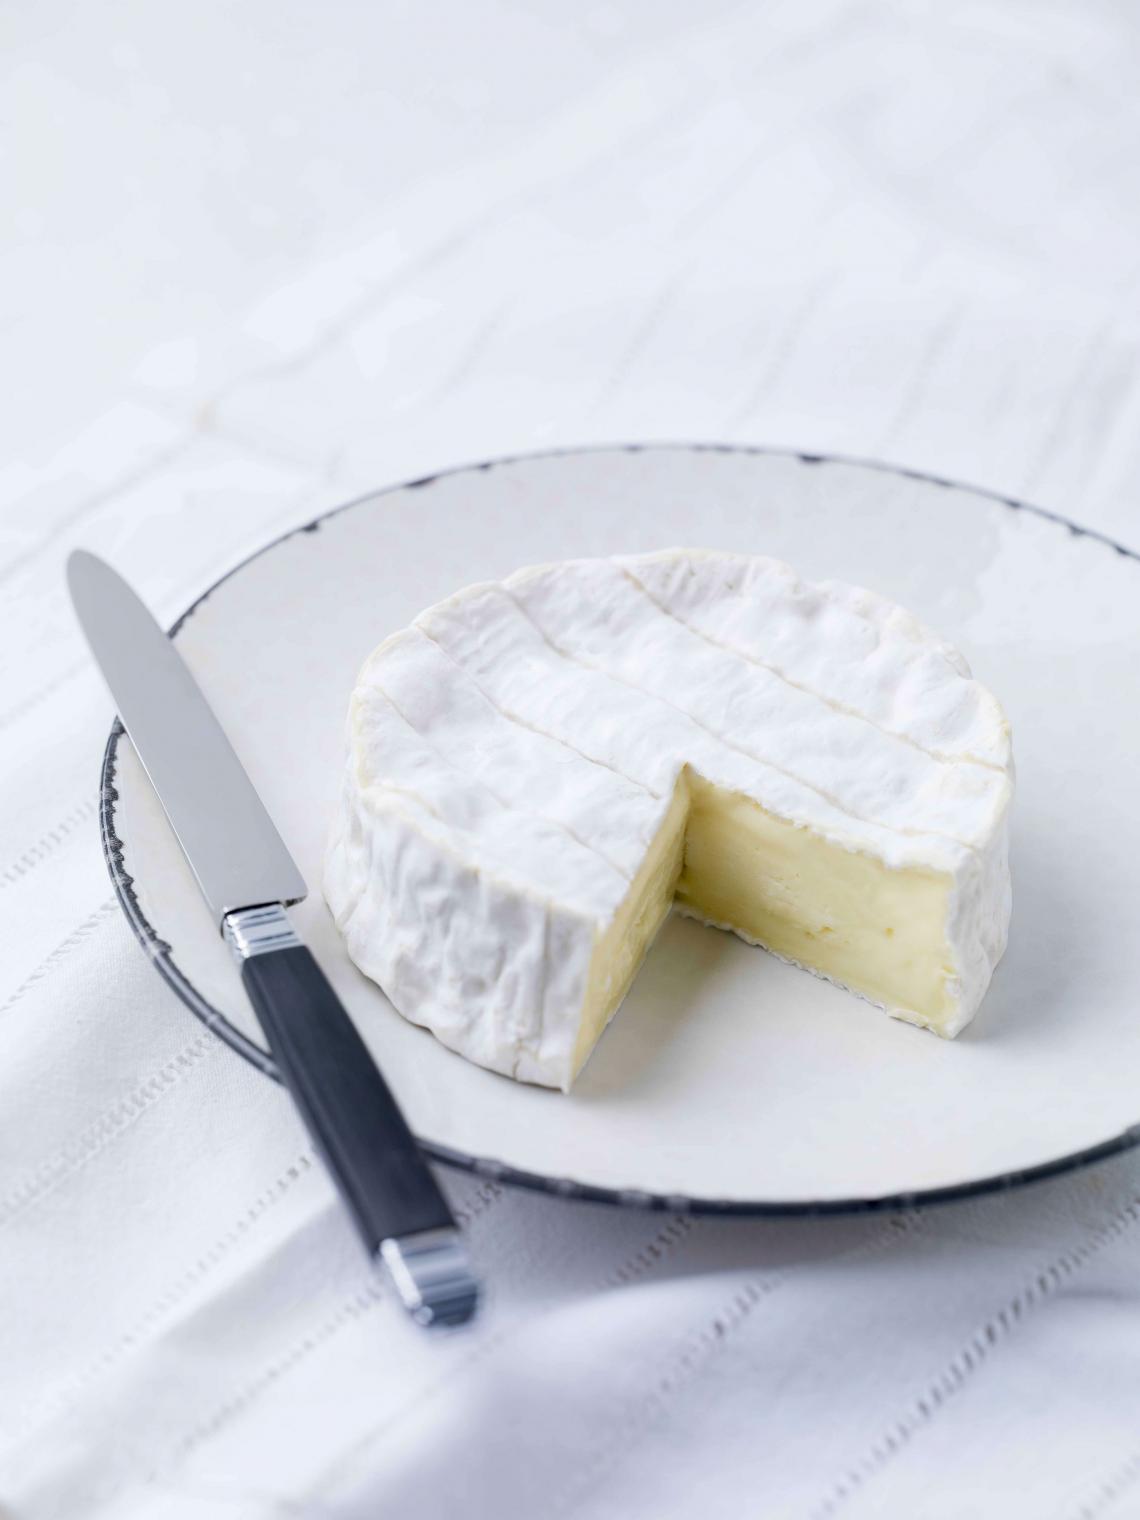 ILE DE FRANCE® camembert on a plate